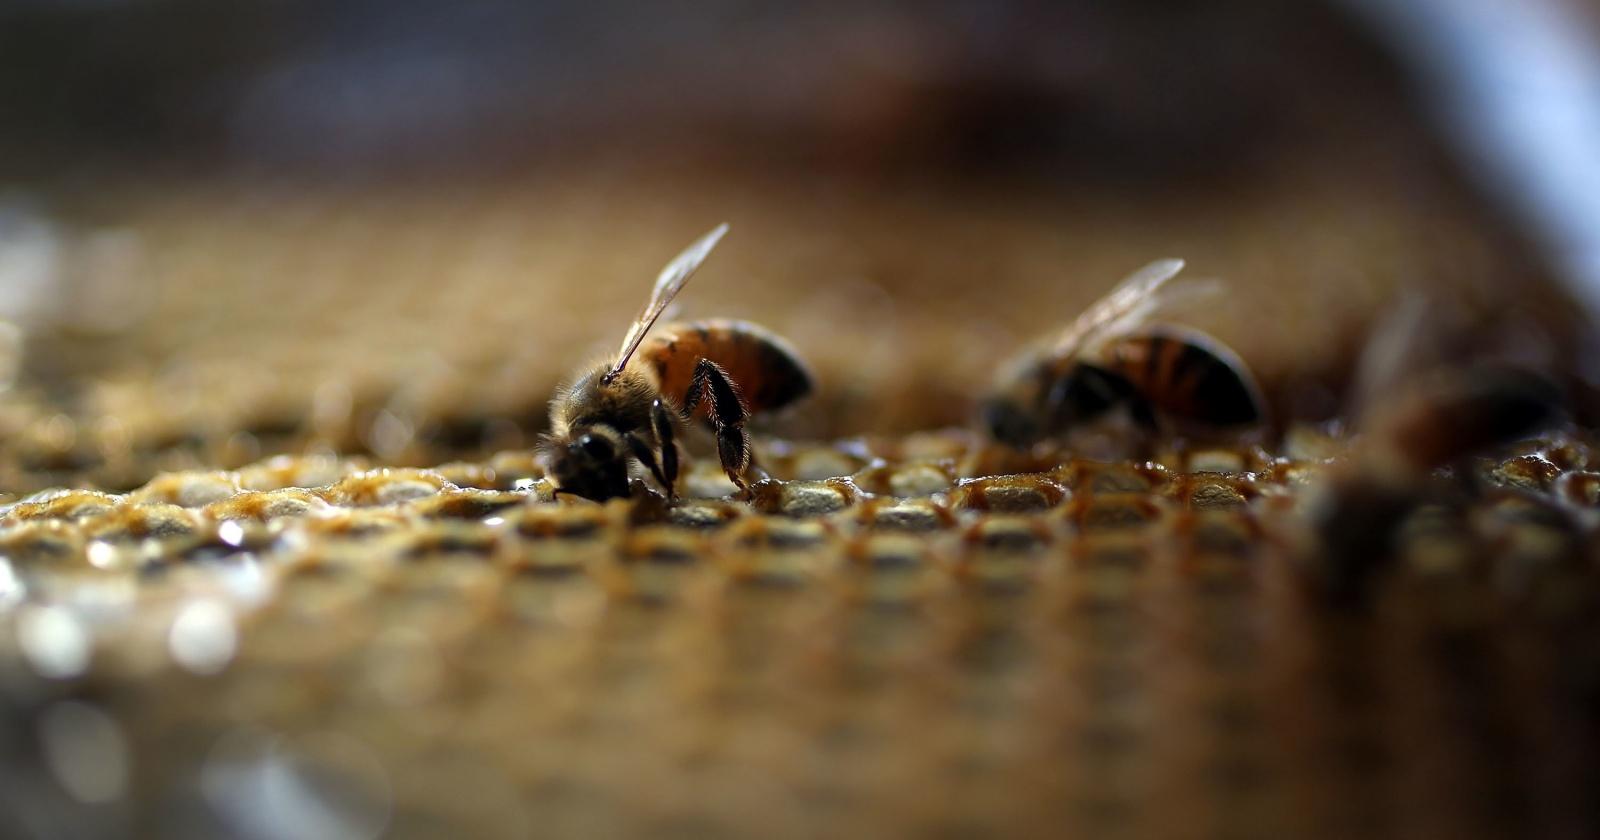 Пчелы жили в глазу женщины и питались ее слезами: жуткое открытие